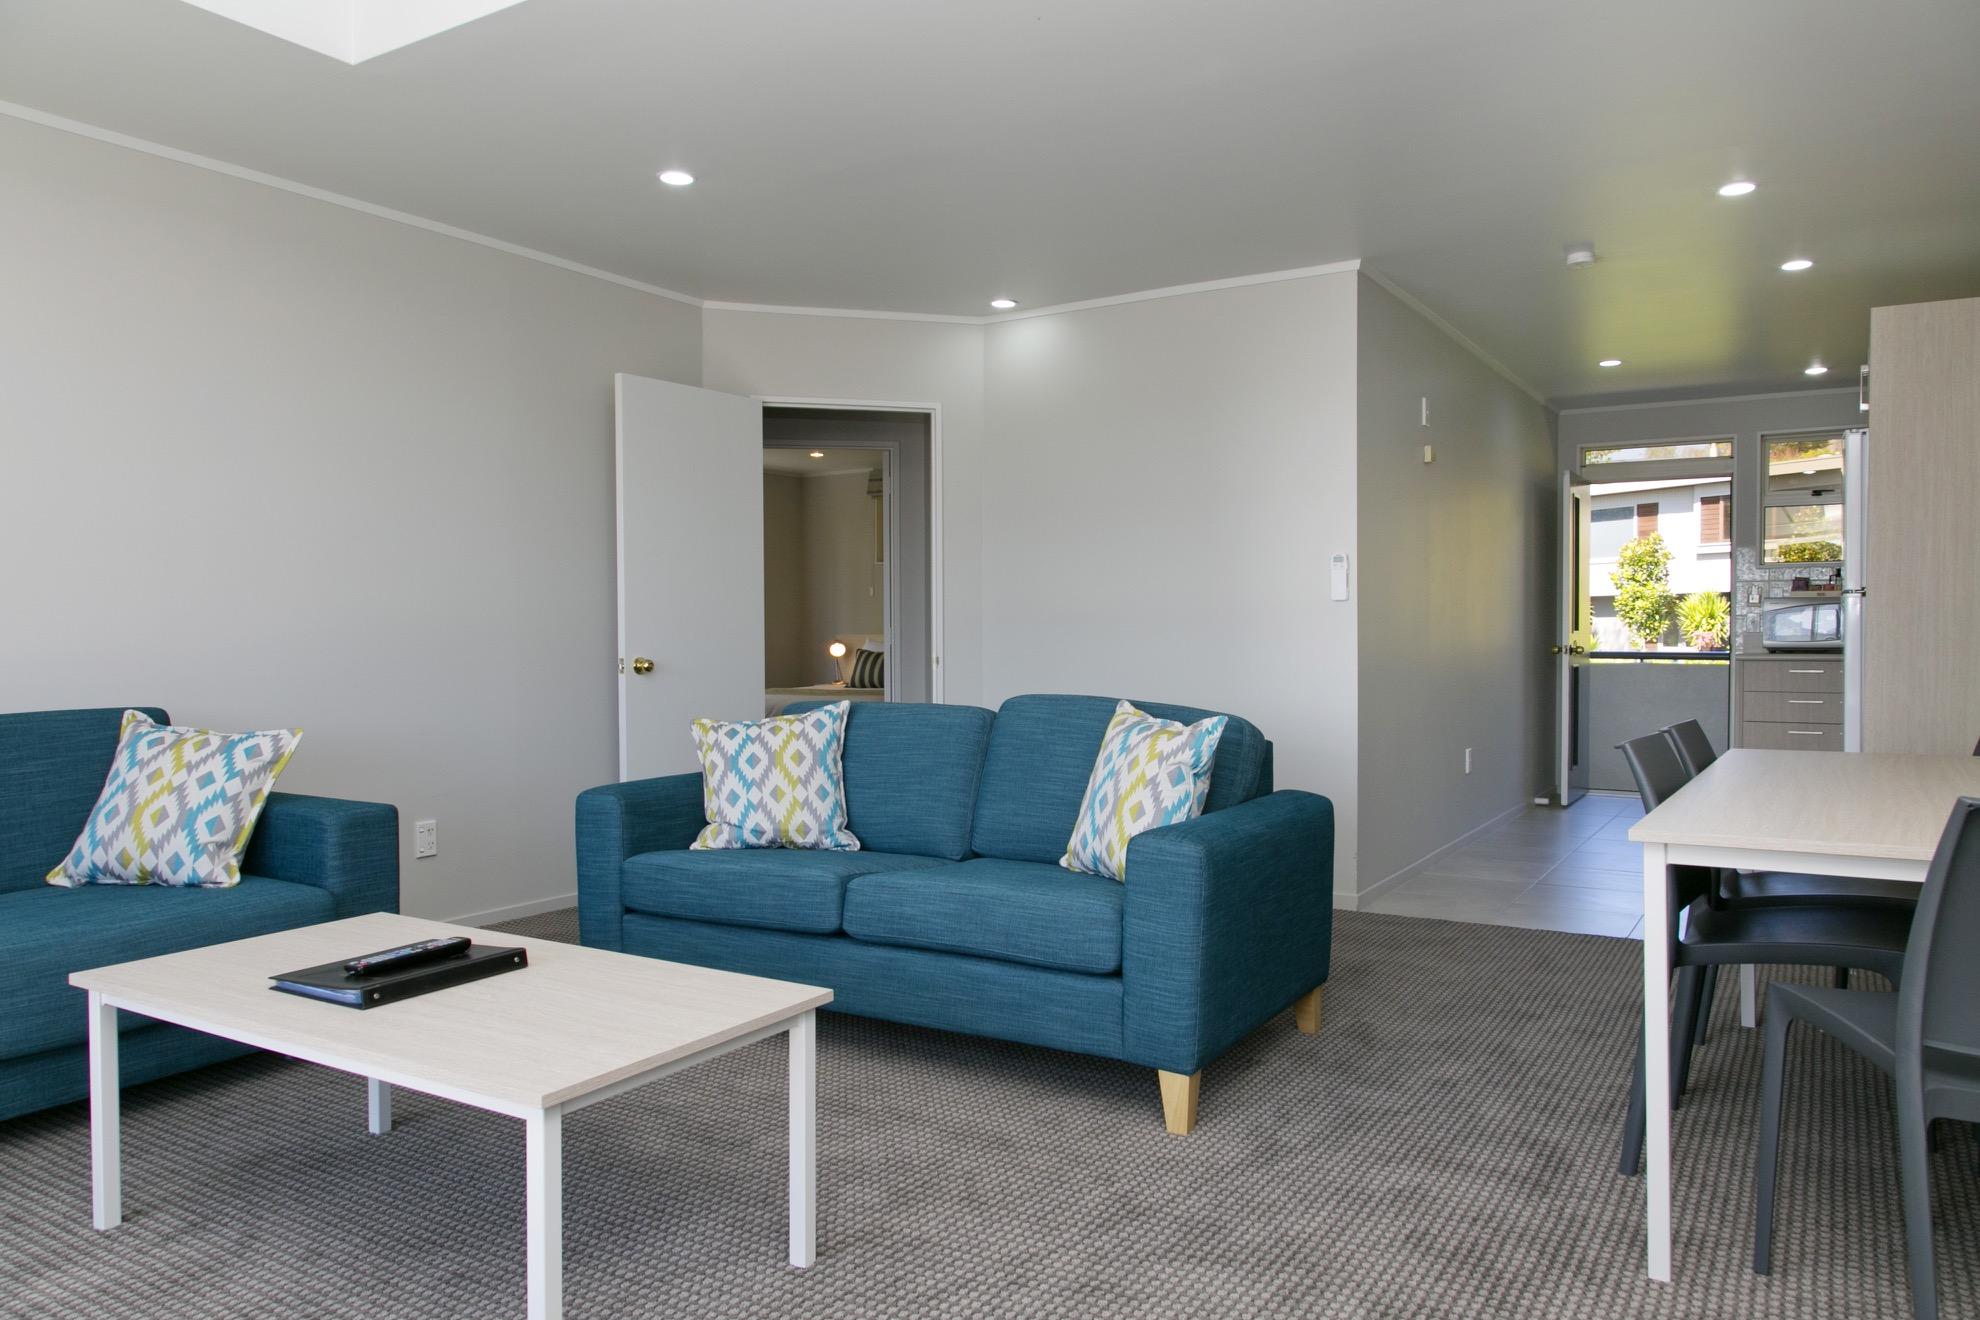 three bedroom living area 4.jpg